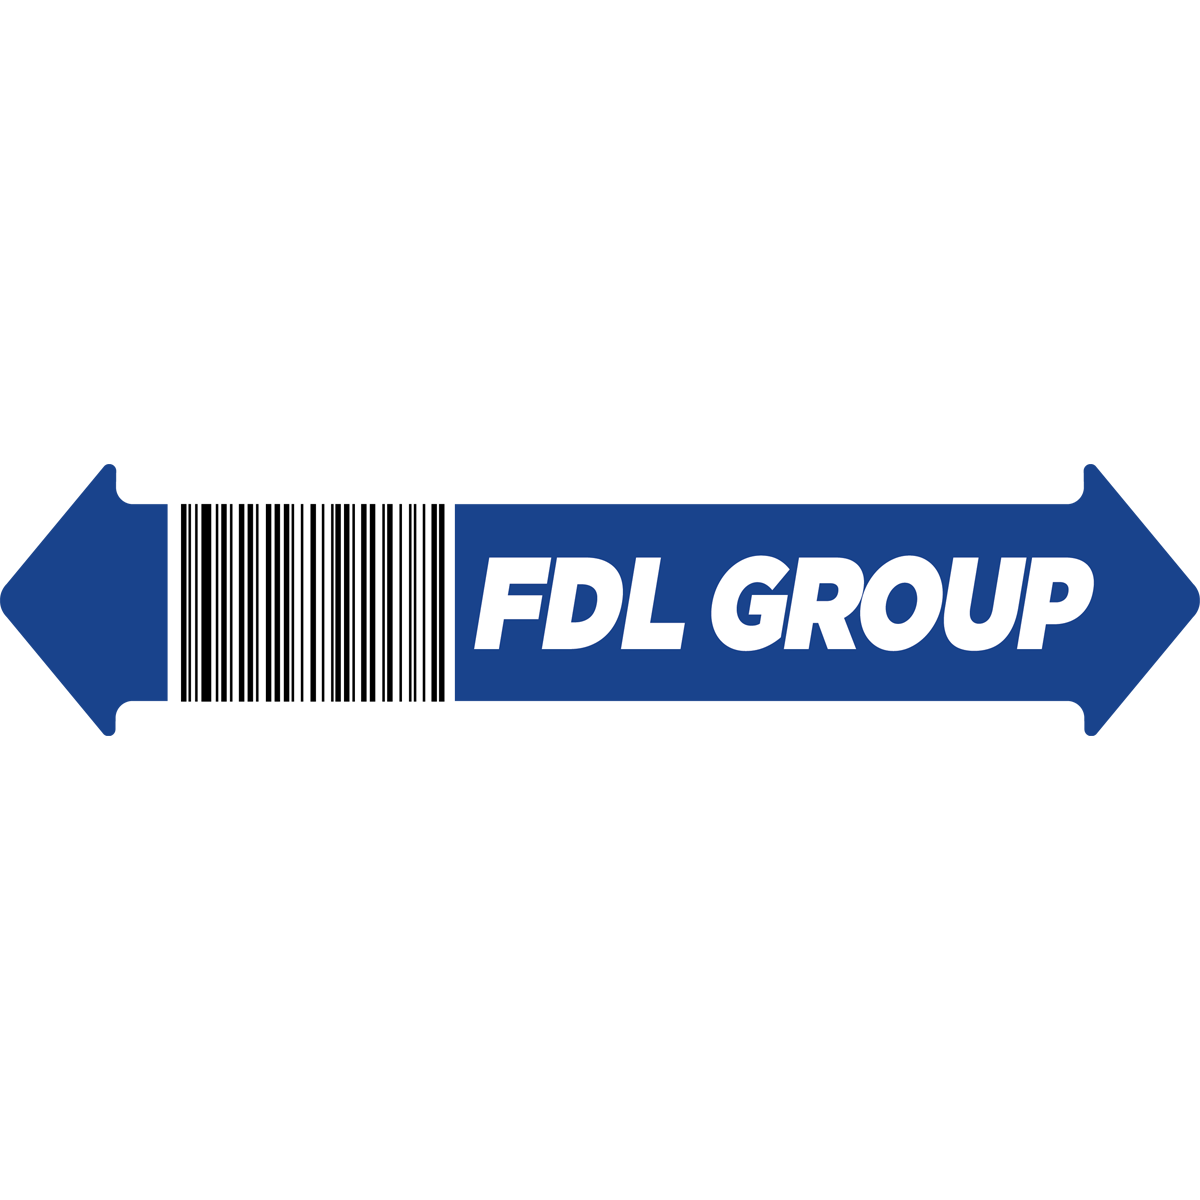 FDL Group: Ανάκαμψη μετά το σοκ της «Μαρινόπουλος», Του Ηλία Μπέλλου | Kathimerini